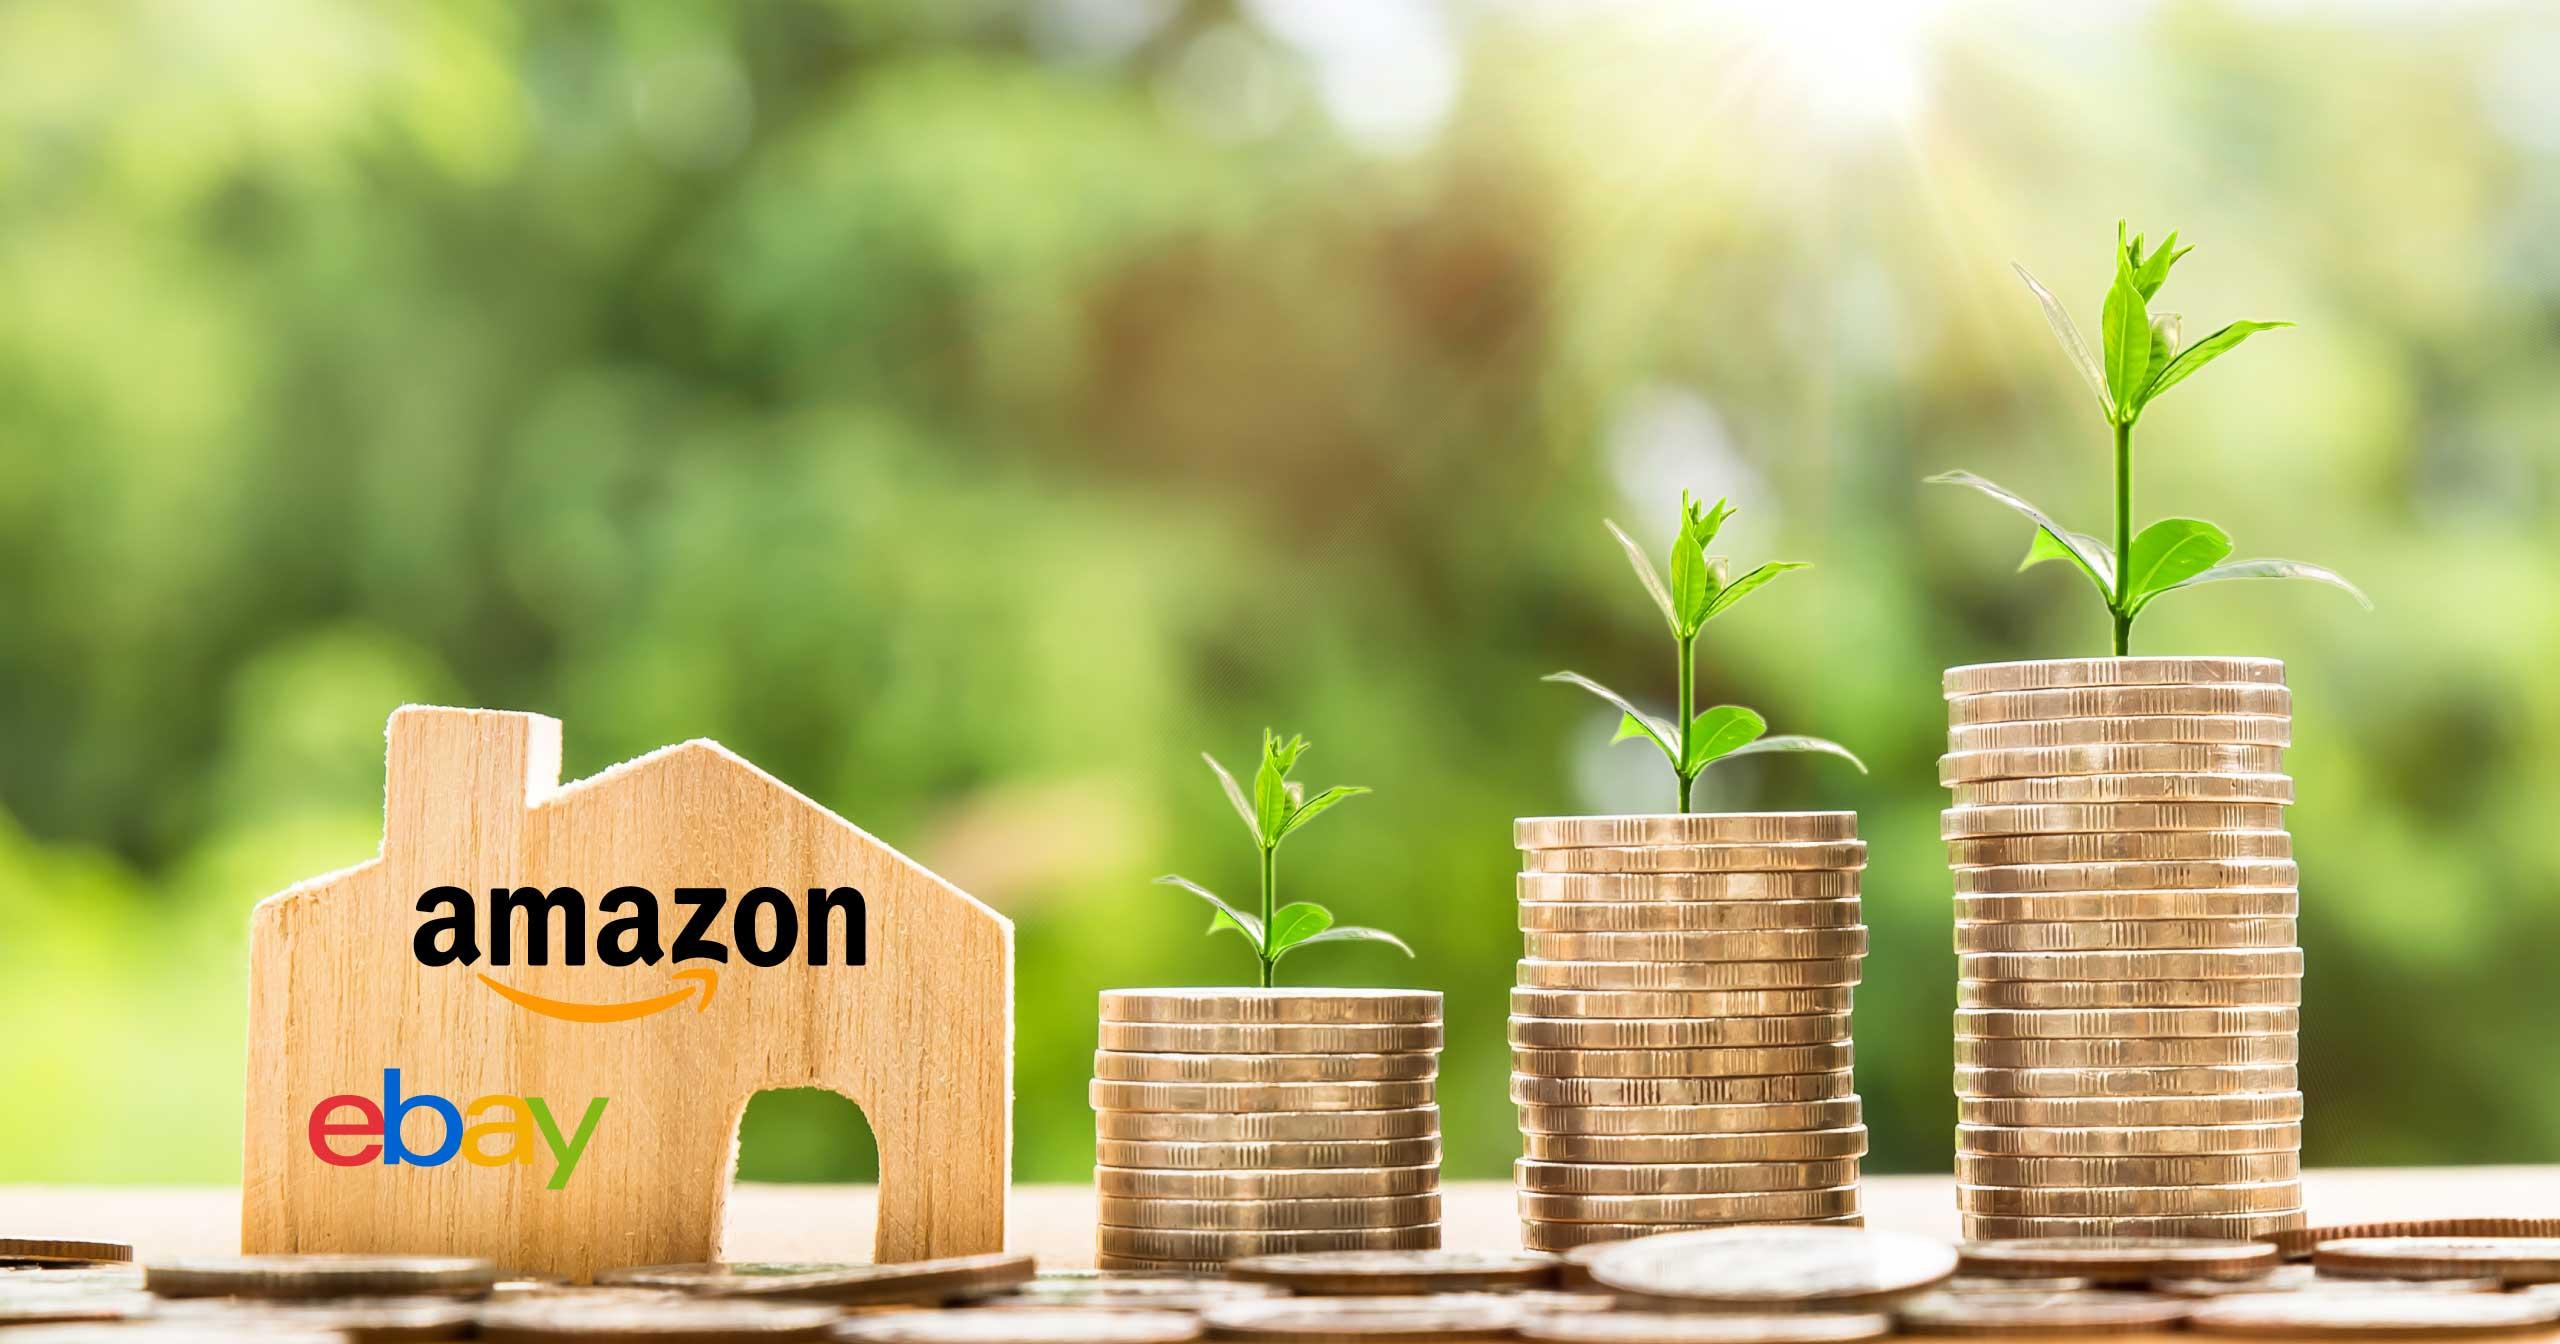 Marktplatzoptimierung - Erfolgreich verkaufen bei Amazon und eBay - Beitragsbild